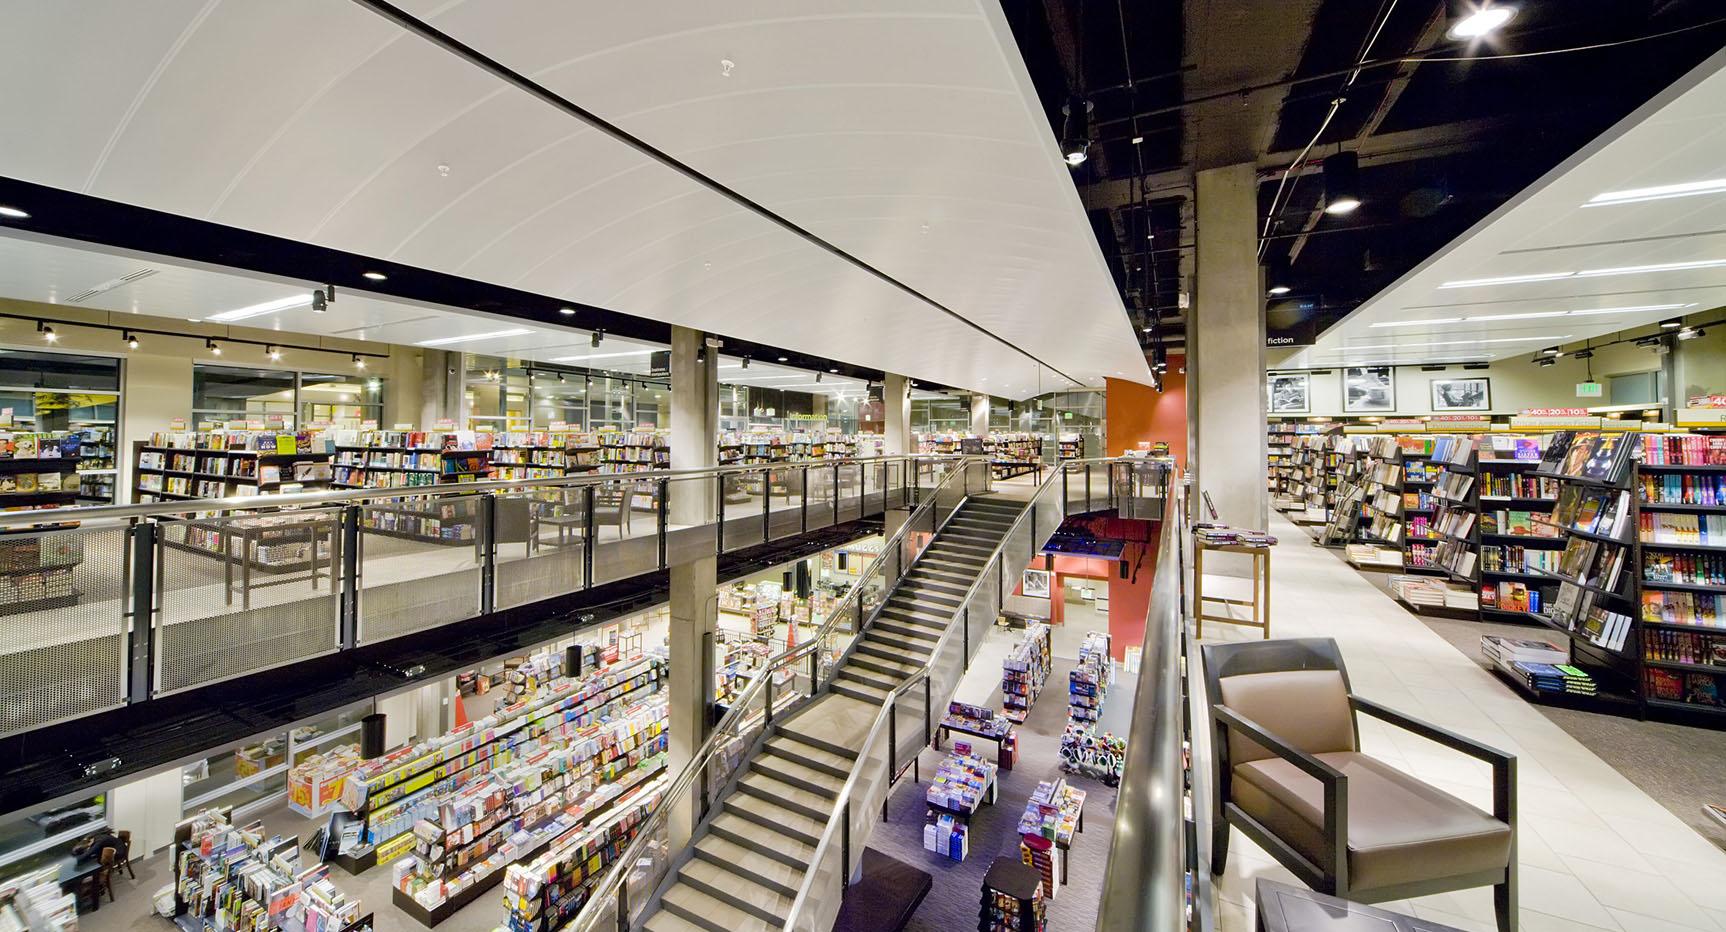 million books bam valeur investissement bourse francophone premier dans site affaire voyons segment chiffre repartition enfin pas